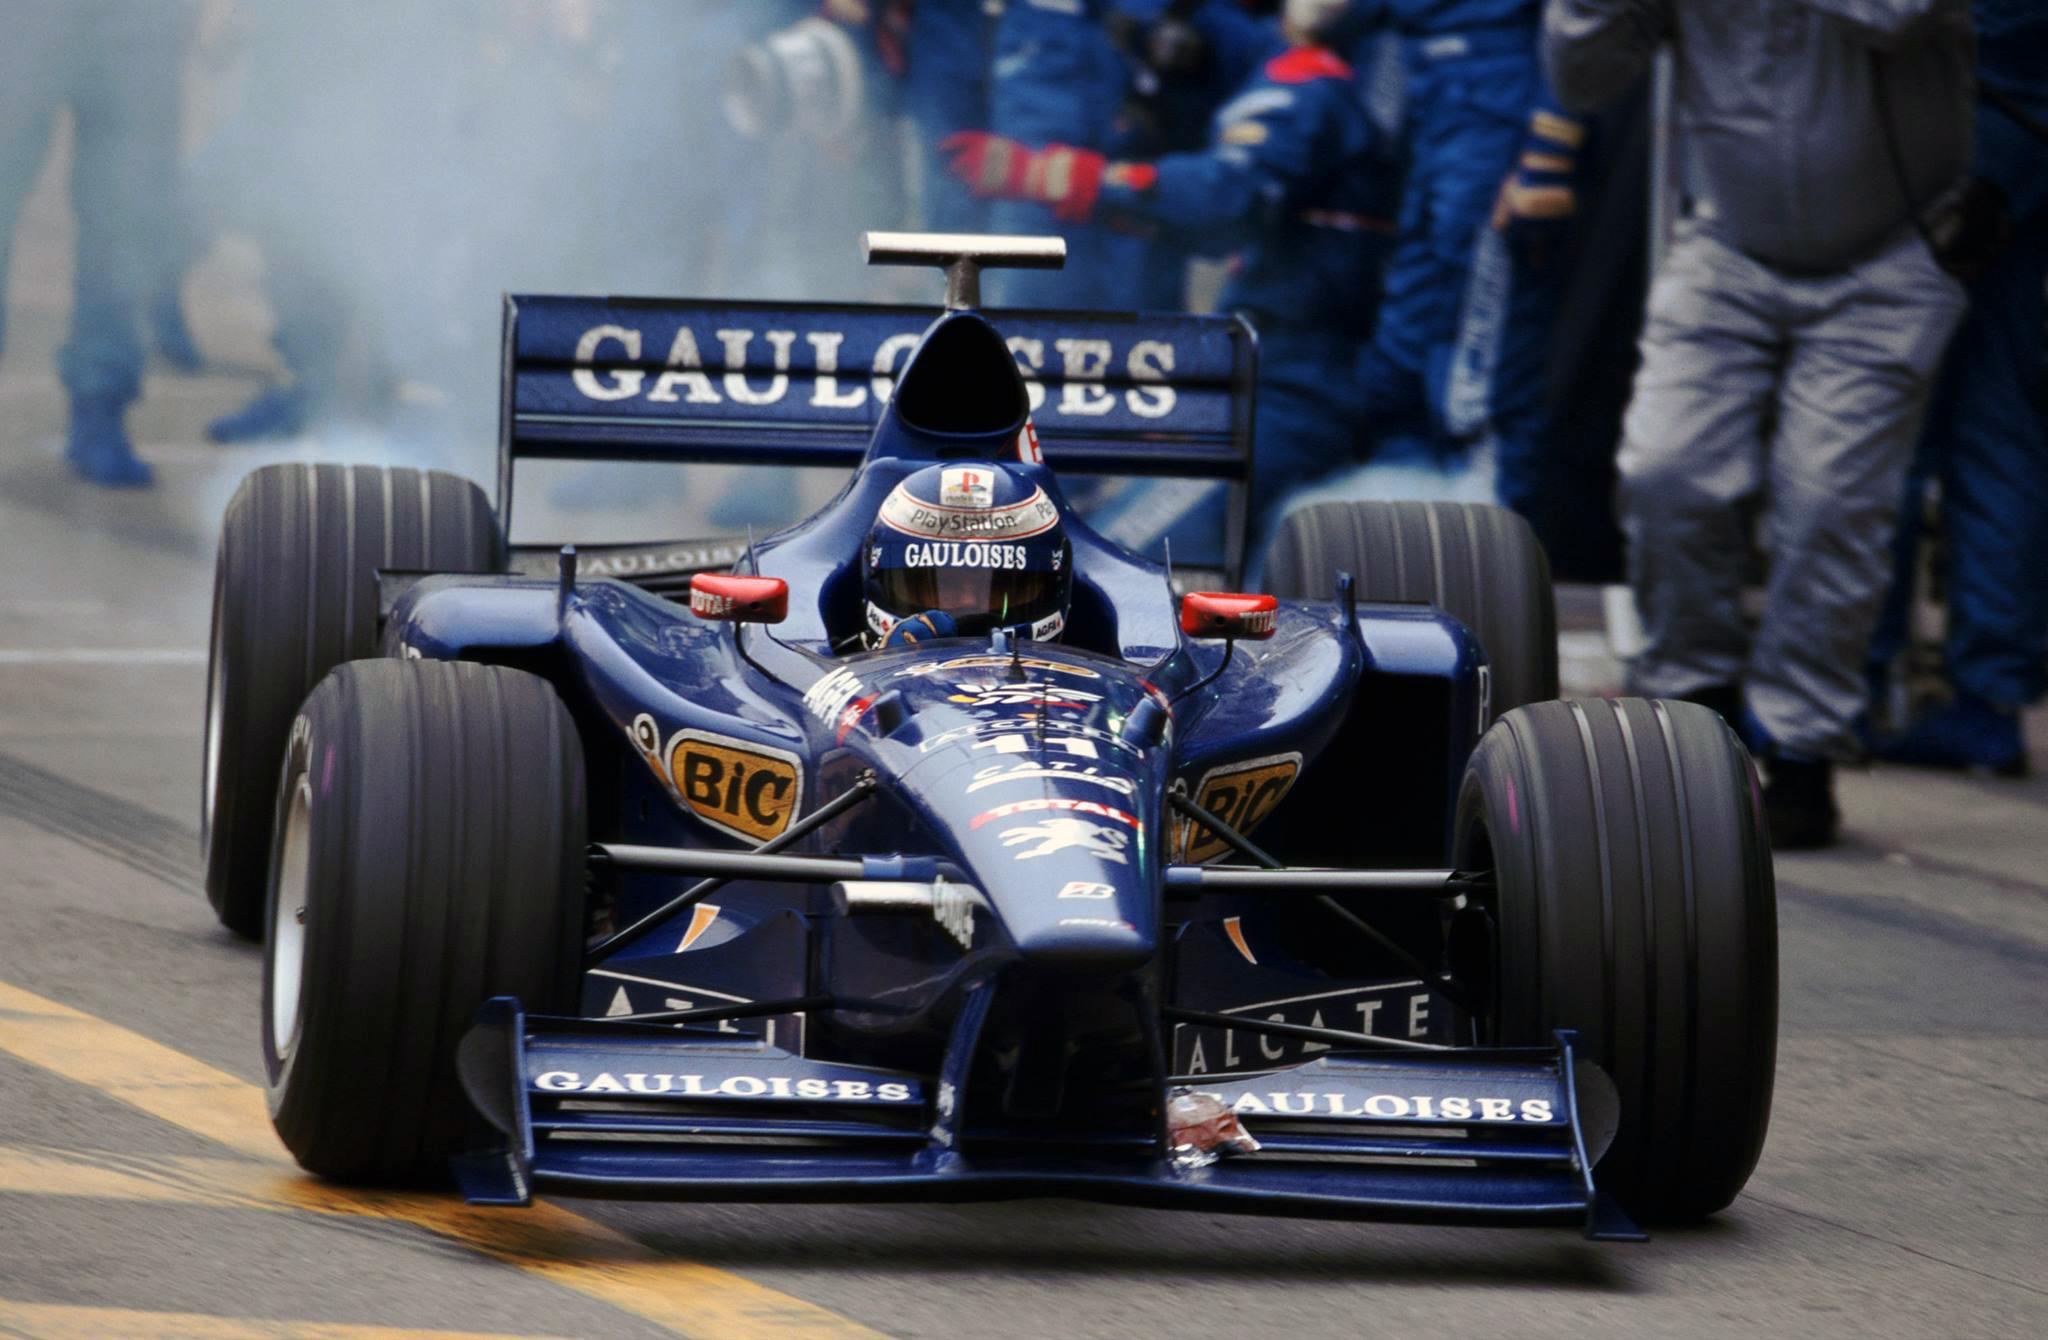 Zanimljivosti: Vozači koji su osnovali vlastitu F1 momčad (1. dio)